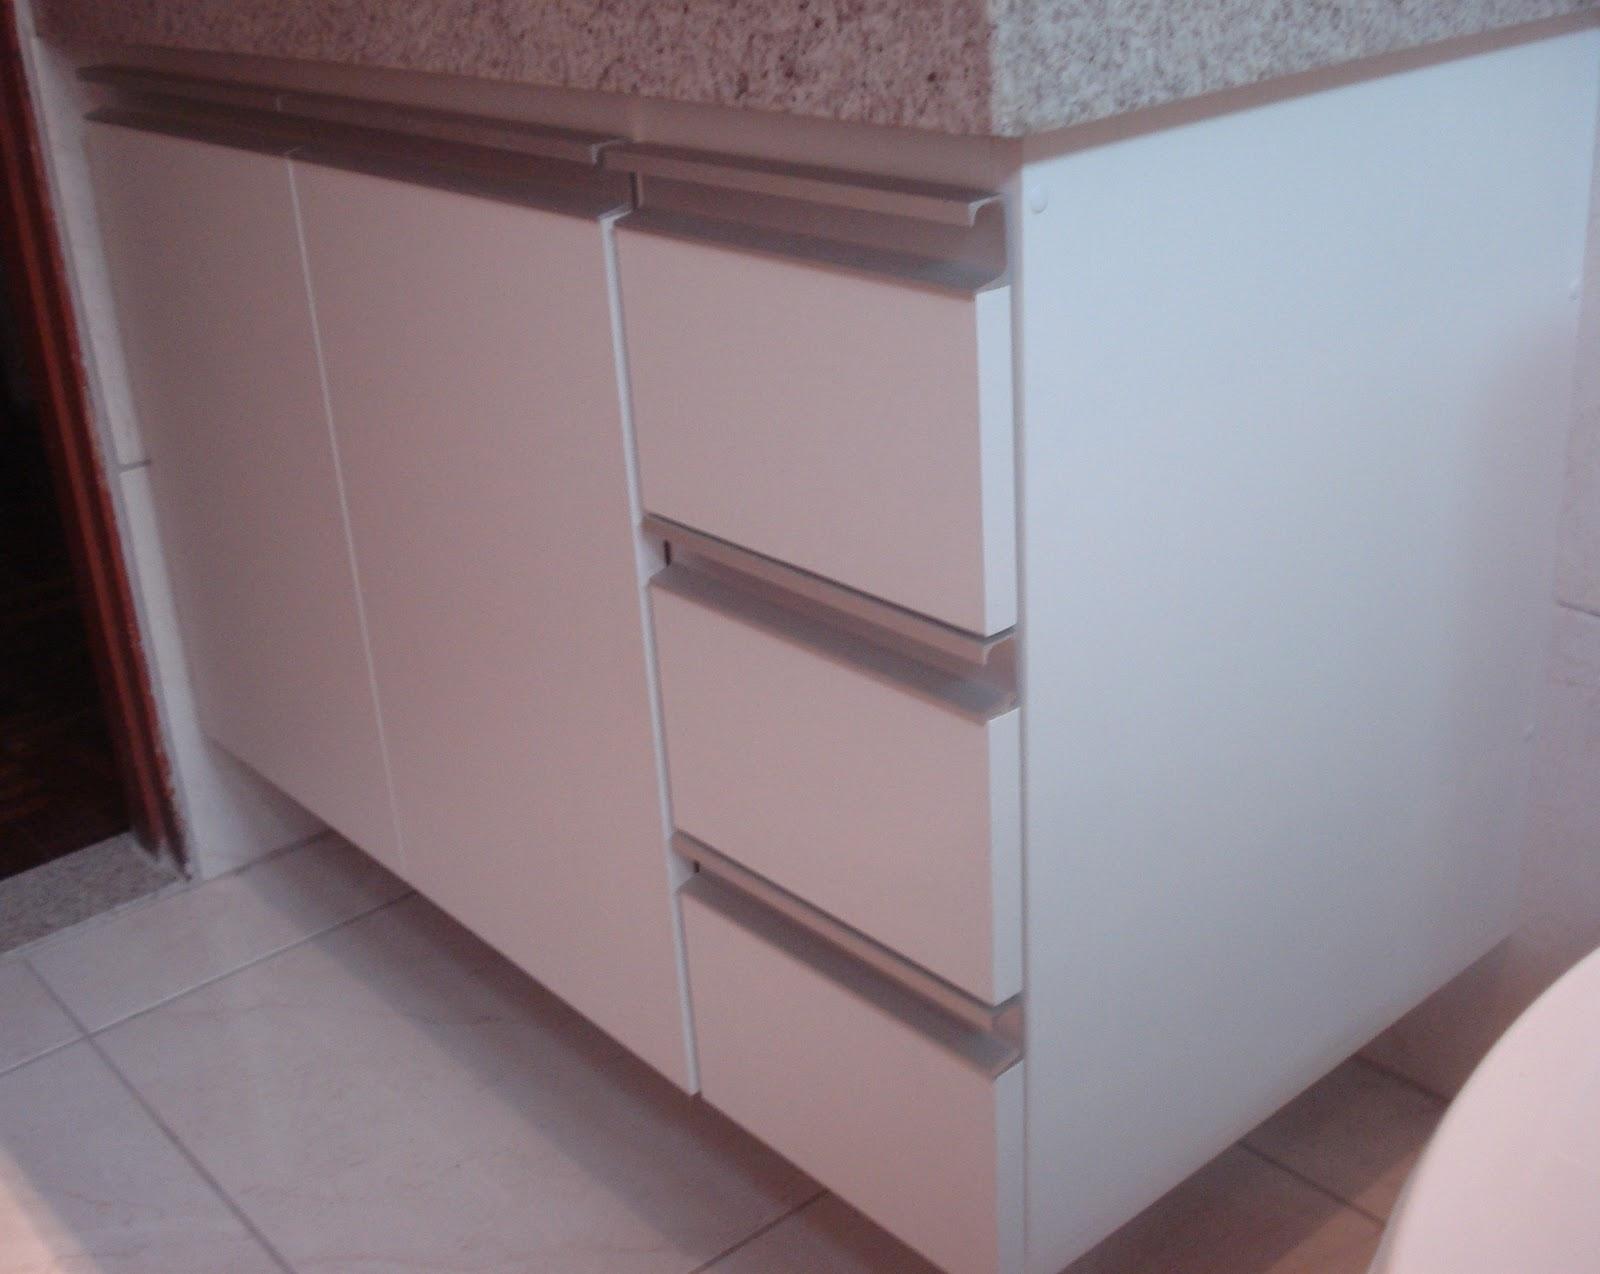 Armário de Banheiro Branco com Puxadores em Perfil de Alumínio #362021 1600x1274 Armario Banheiro Aluminio